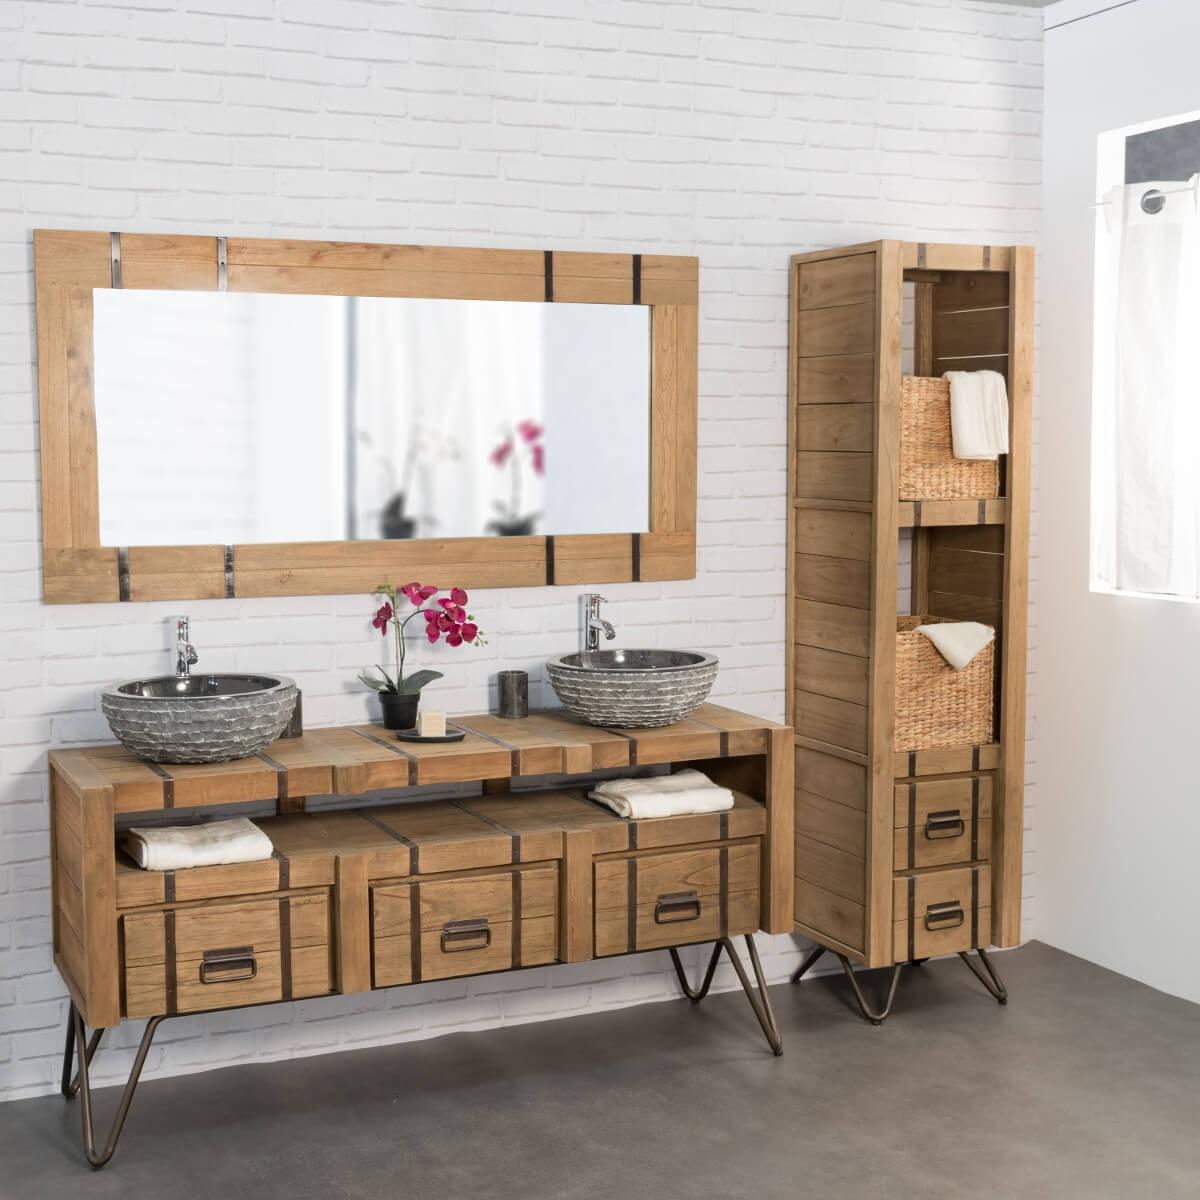 Salles De Bains Ikea Luxe Collection Meuble Salle De Bain 160 New Frais Extérieur Accessoires Notamment